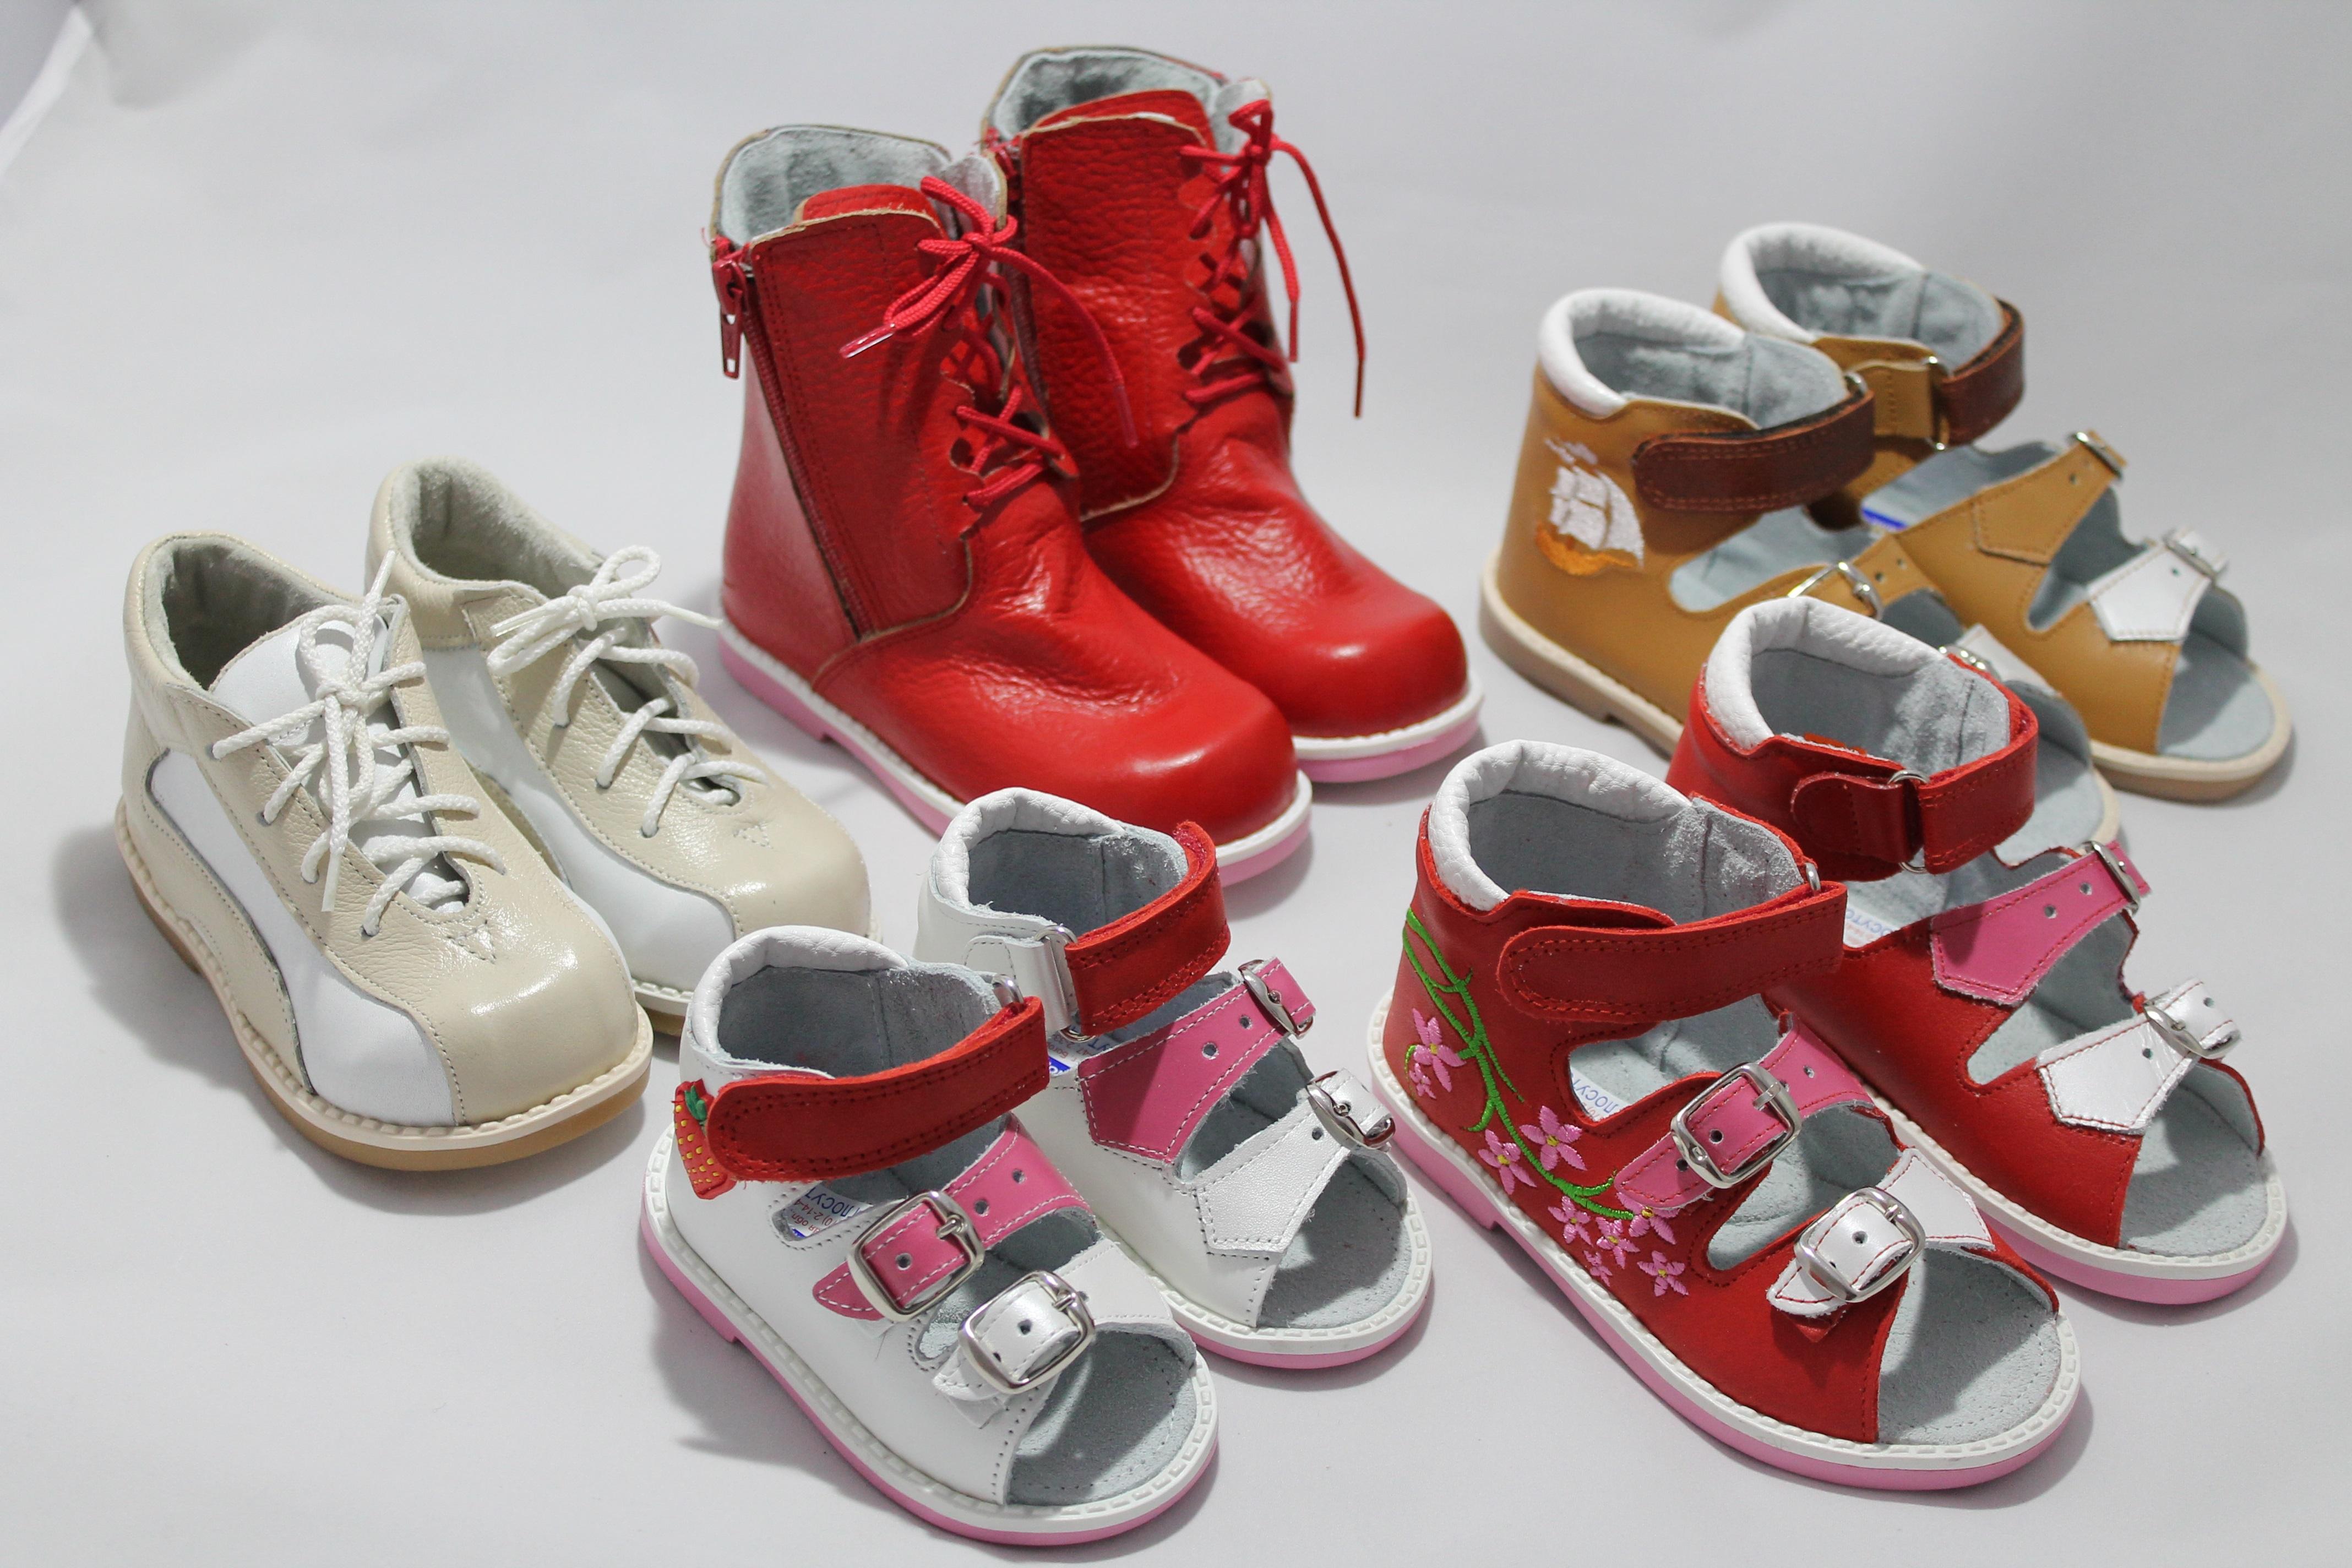 Сбор заказов. Детская Богородская обувная фабрика. Орто-сандалии 790 руб, сандалии-классика от 200 руб, ботиночки - осень, чешки, тапочки, пинетки. Без рядов. Консультирую по подбору нужного размера. Выкуп 23